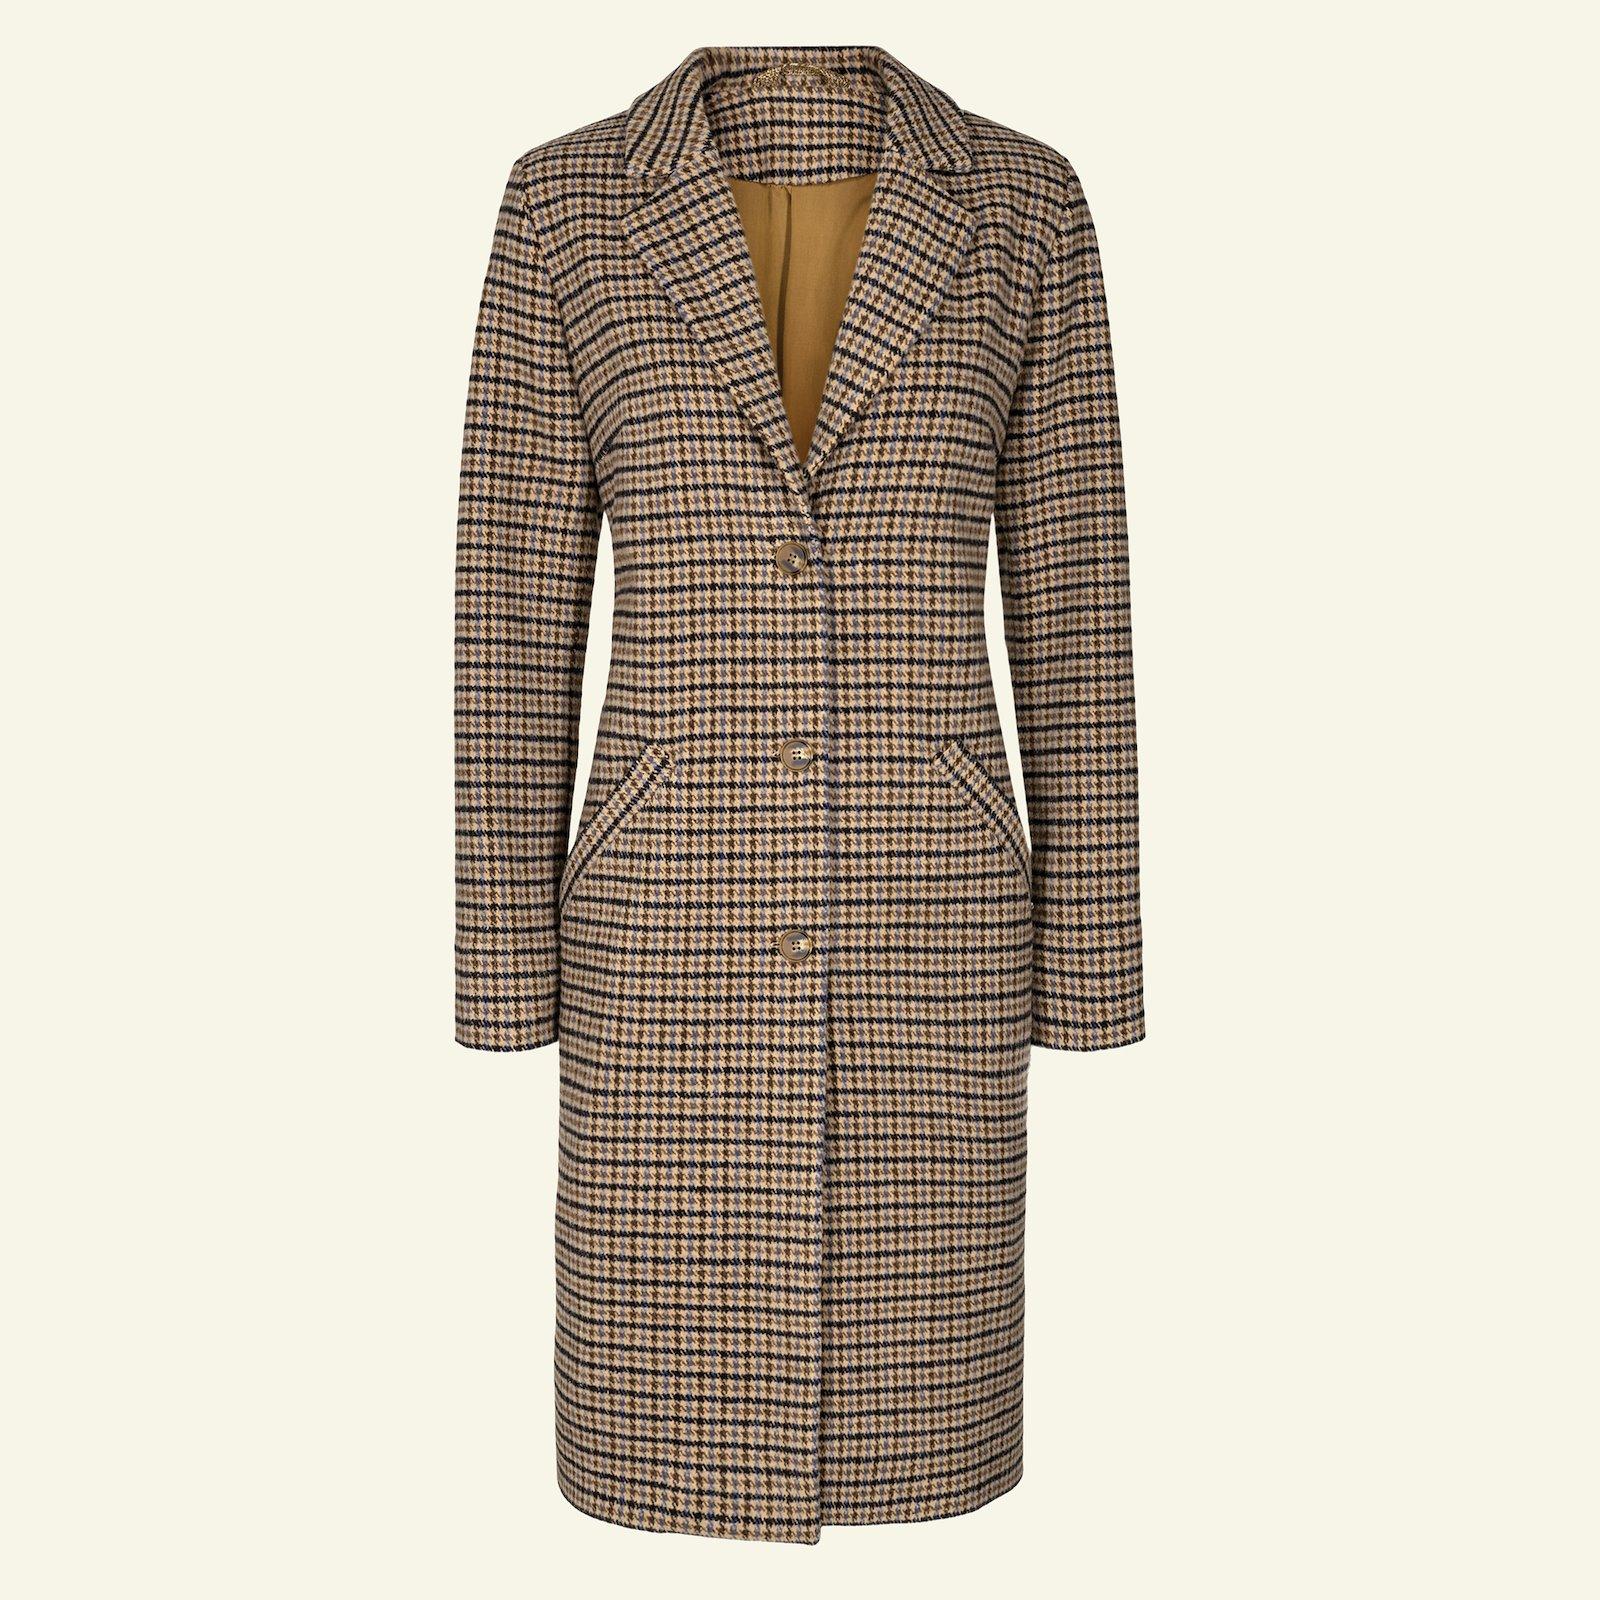 Long coat, 38/10 p24041_300212_5016_40239_21418_sskit